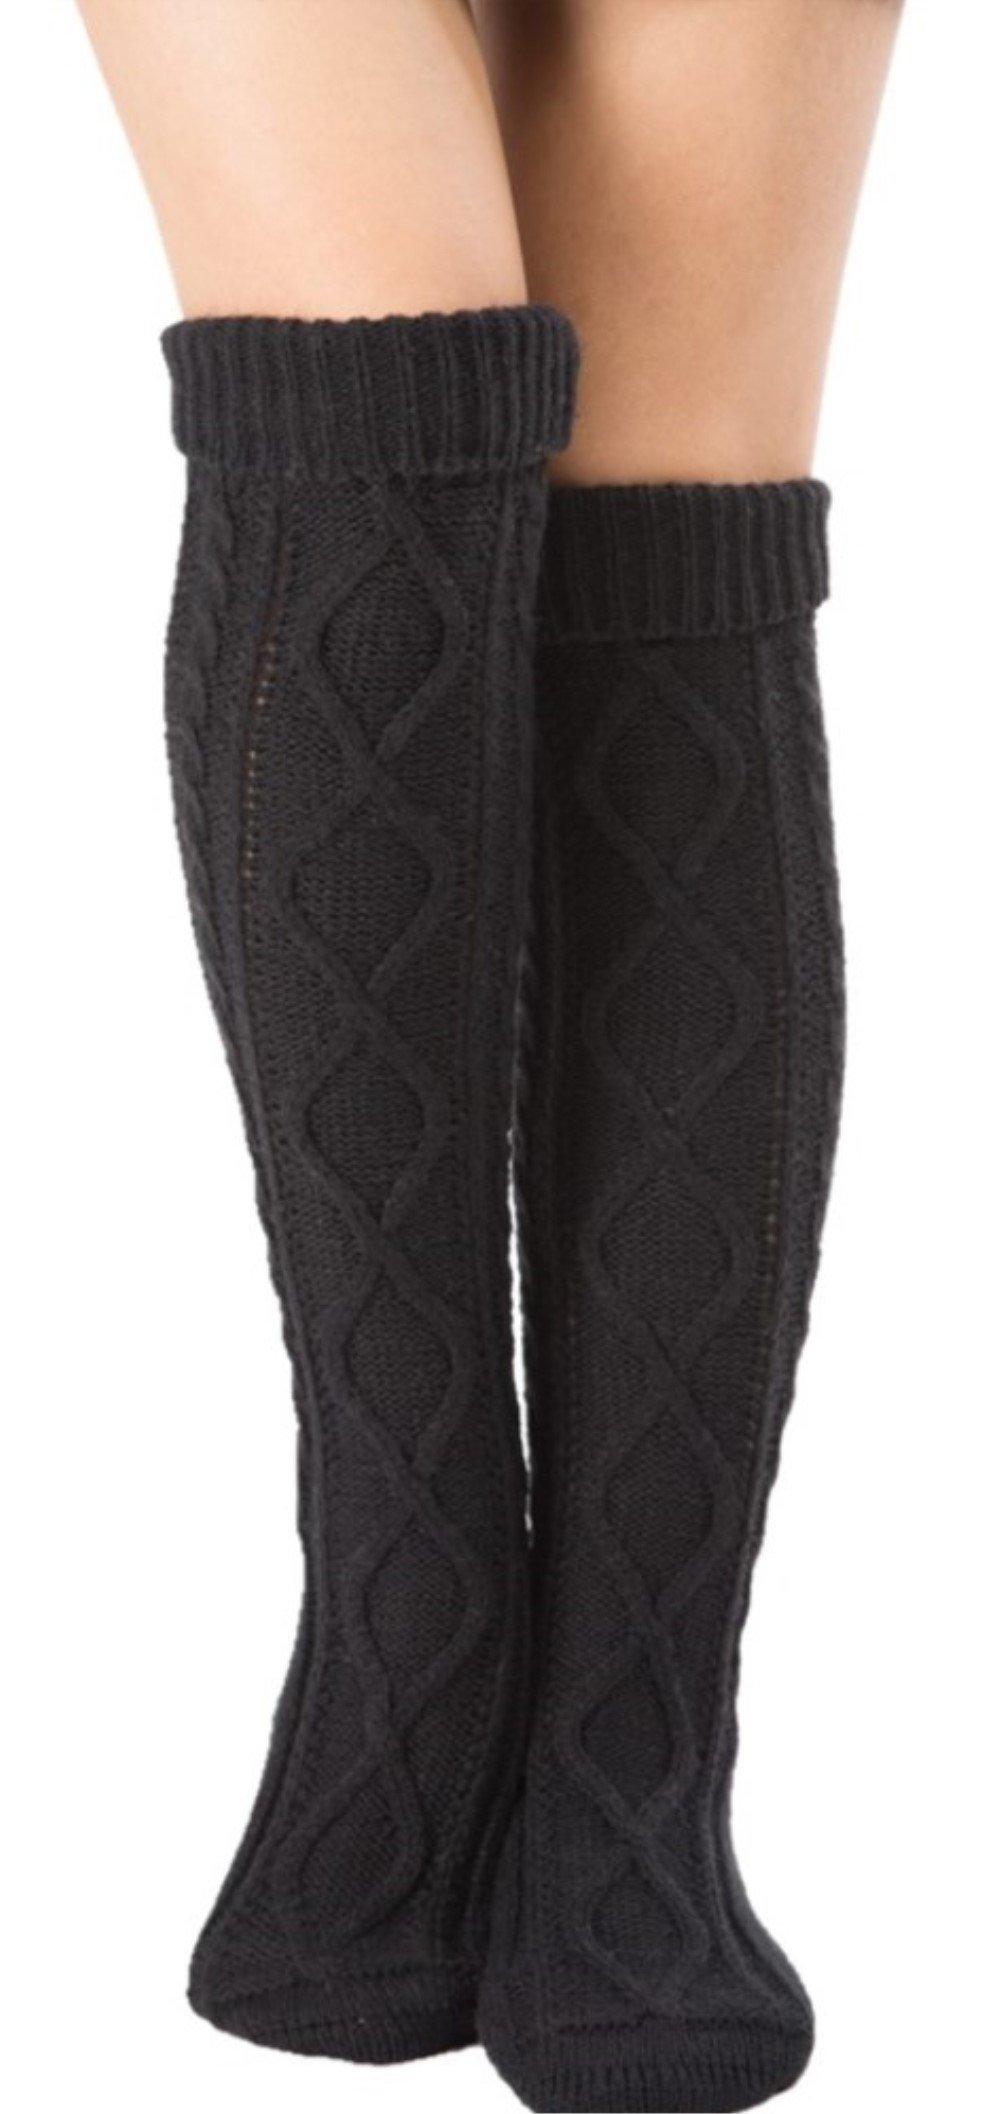 Leotruny Women's Diamond Knit Knee Winter Leg Warmers High Boot Socks (Black)